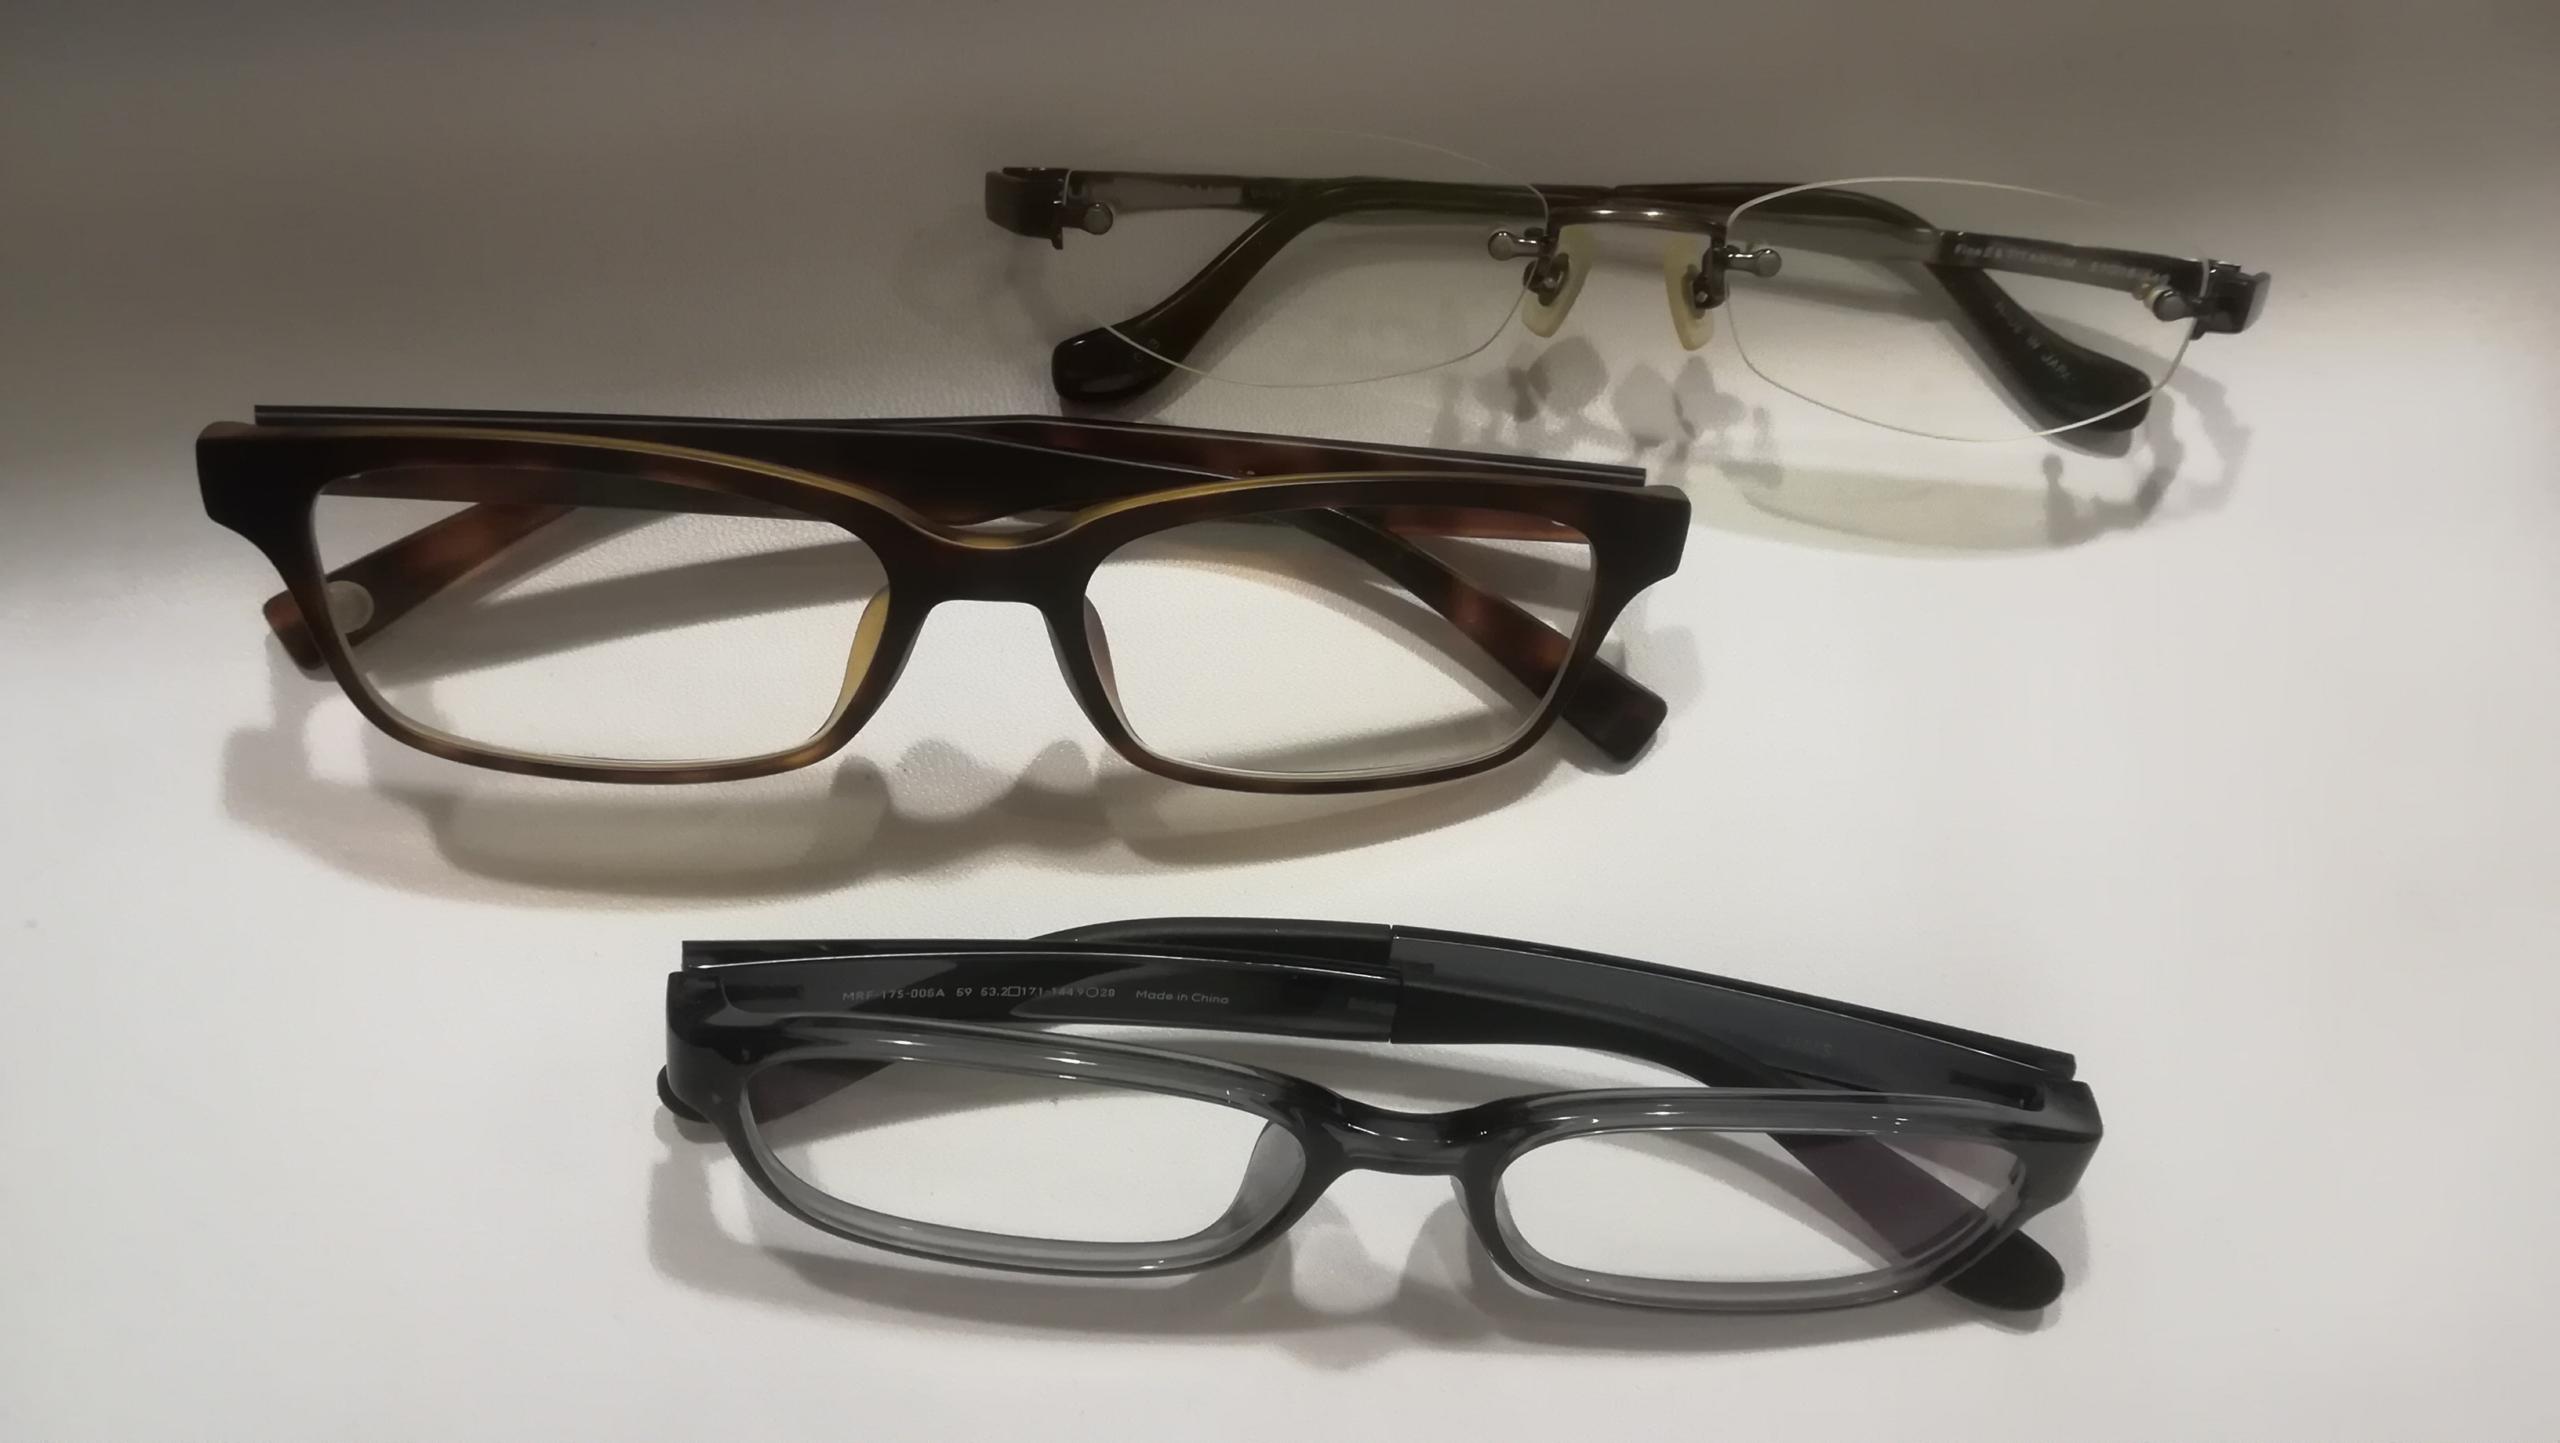 【デスクワークに必須のJINS・PC】度入りメガネを自宅で注文 バーチャル試着が面白い